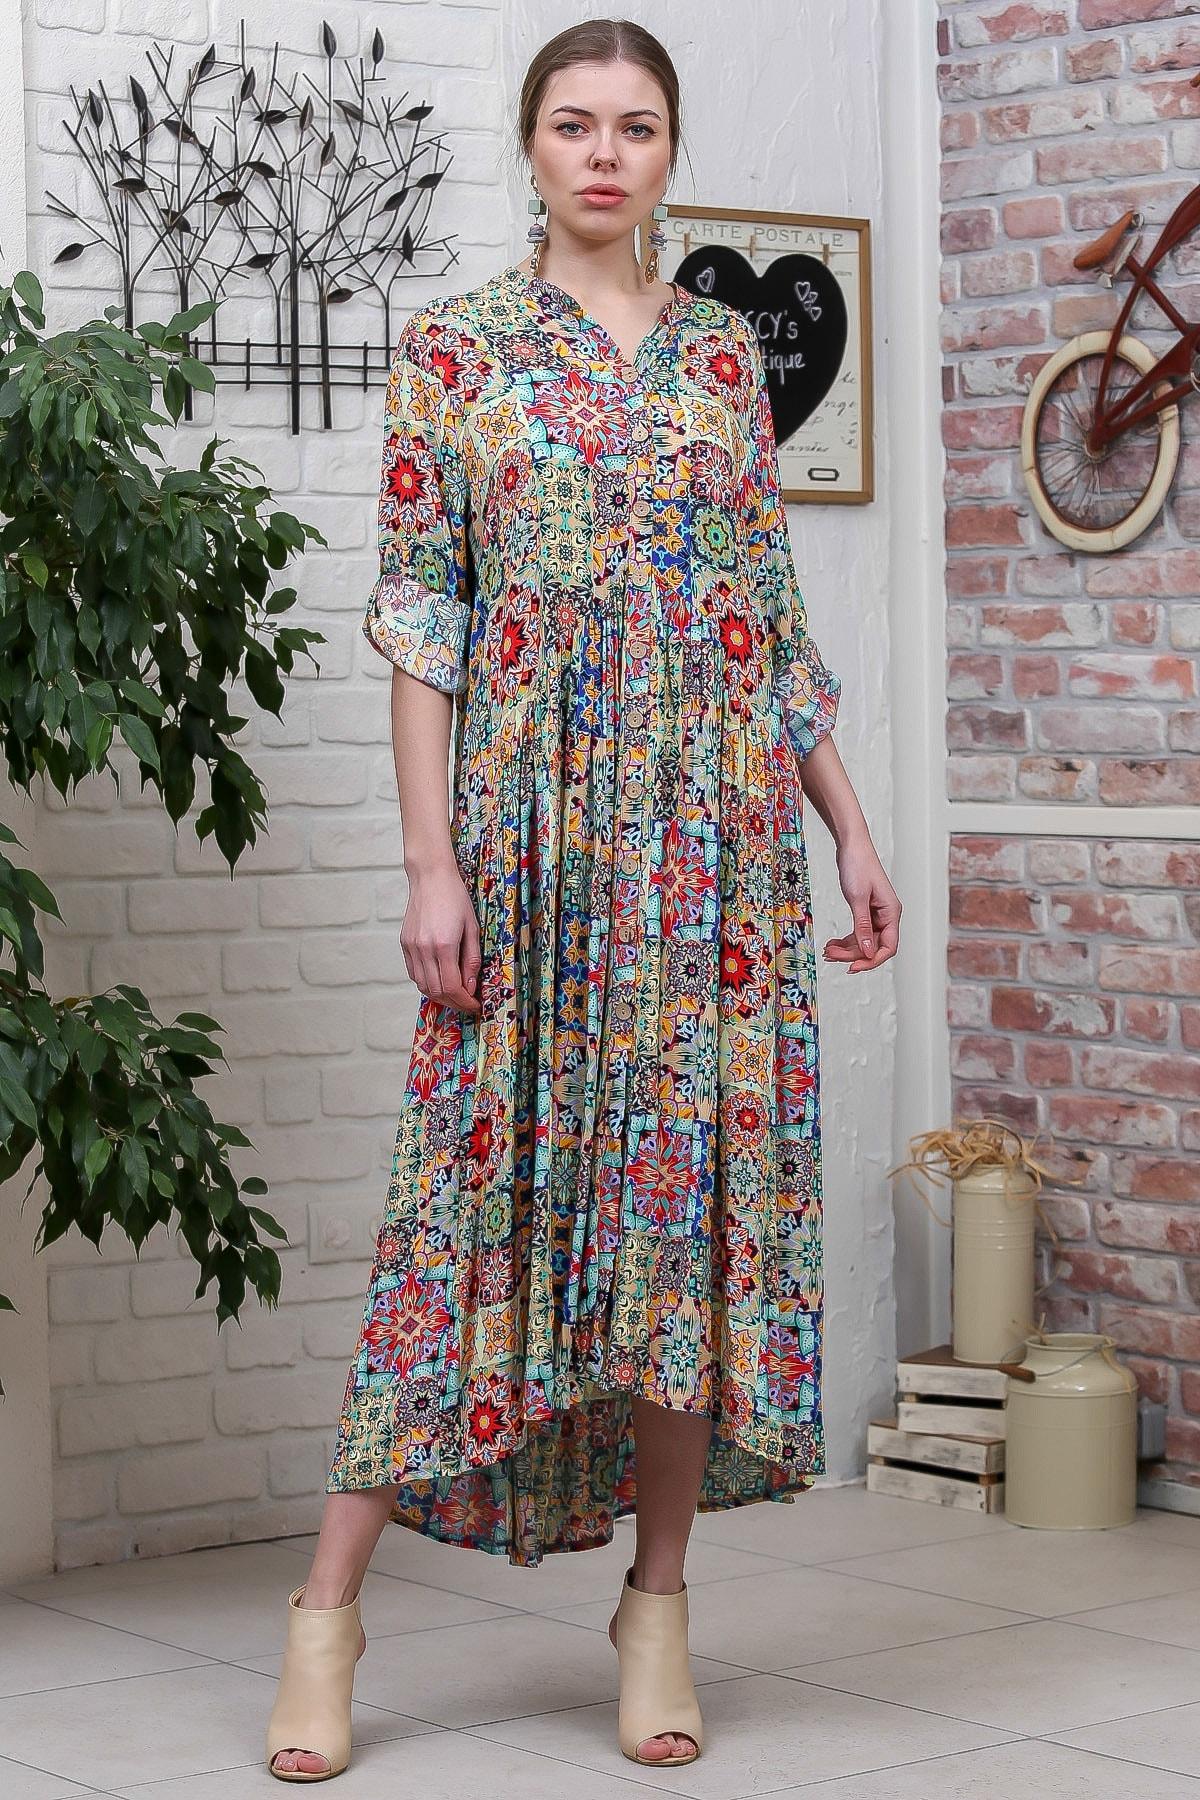 Chiccy Kadın Yeşil  Bohem Ottoman Desenli Ahşap Düğmeli Büzgülü Salaş Elbise M10160000EL95584 2